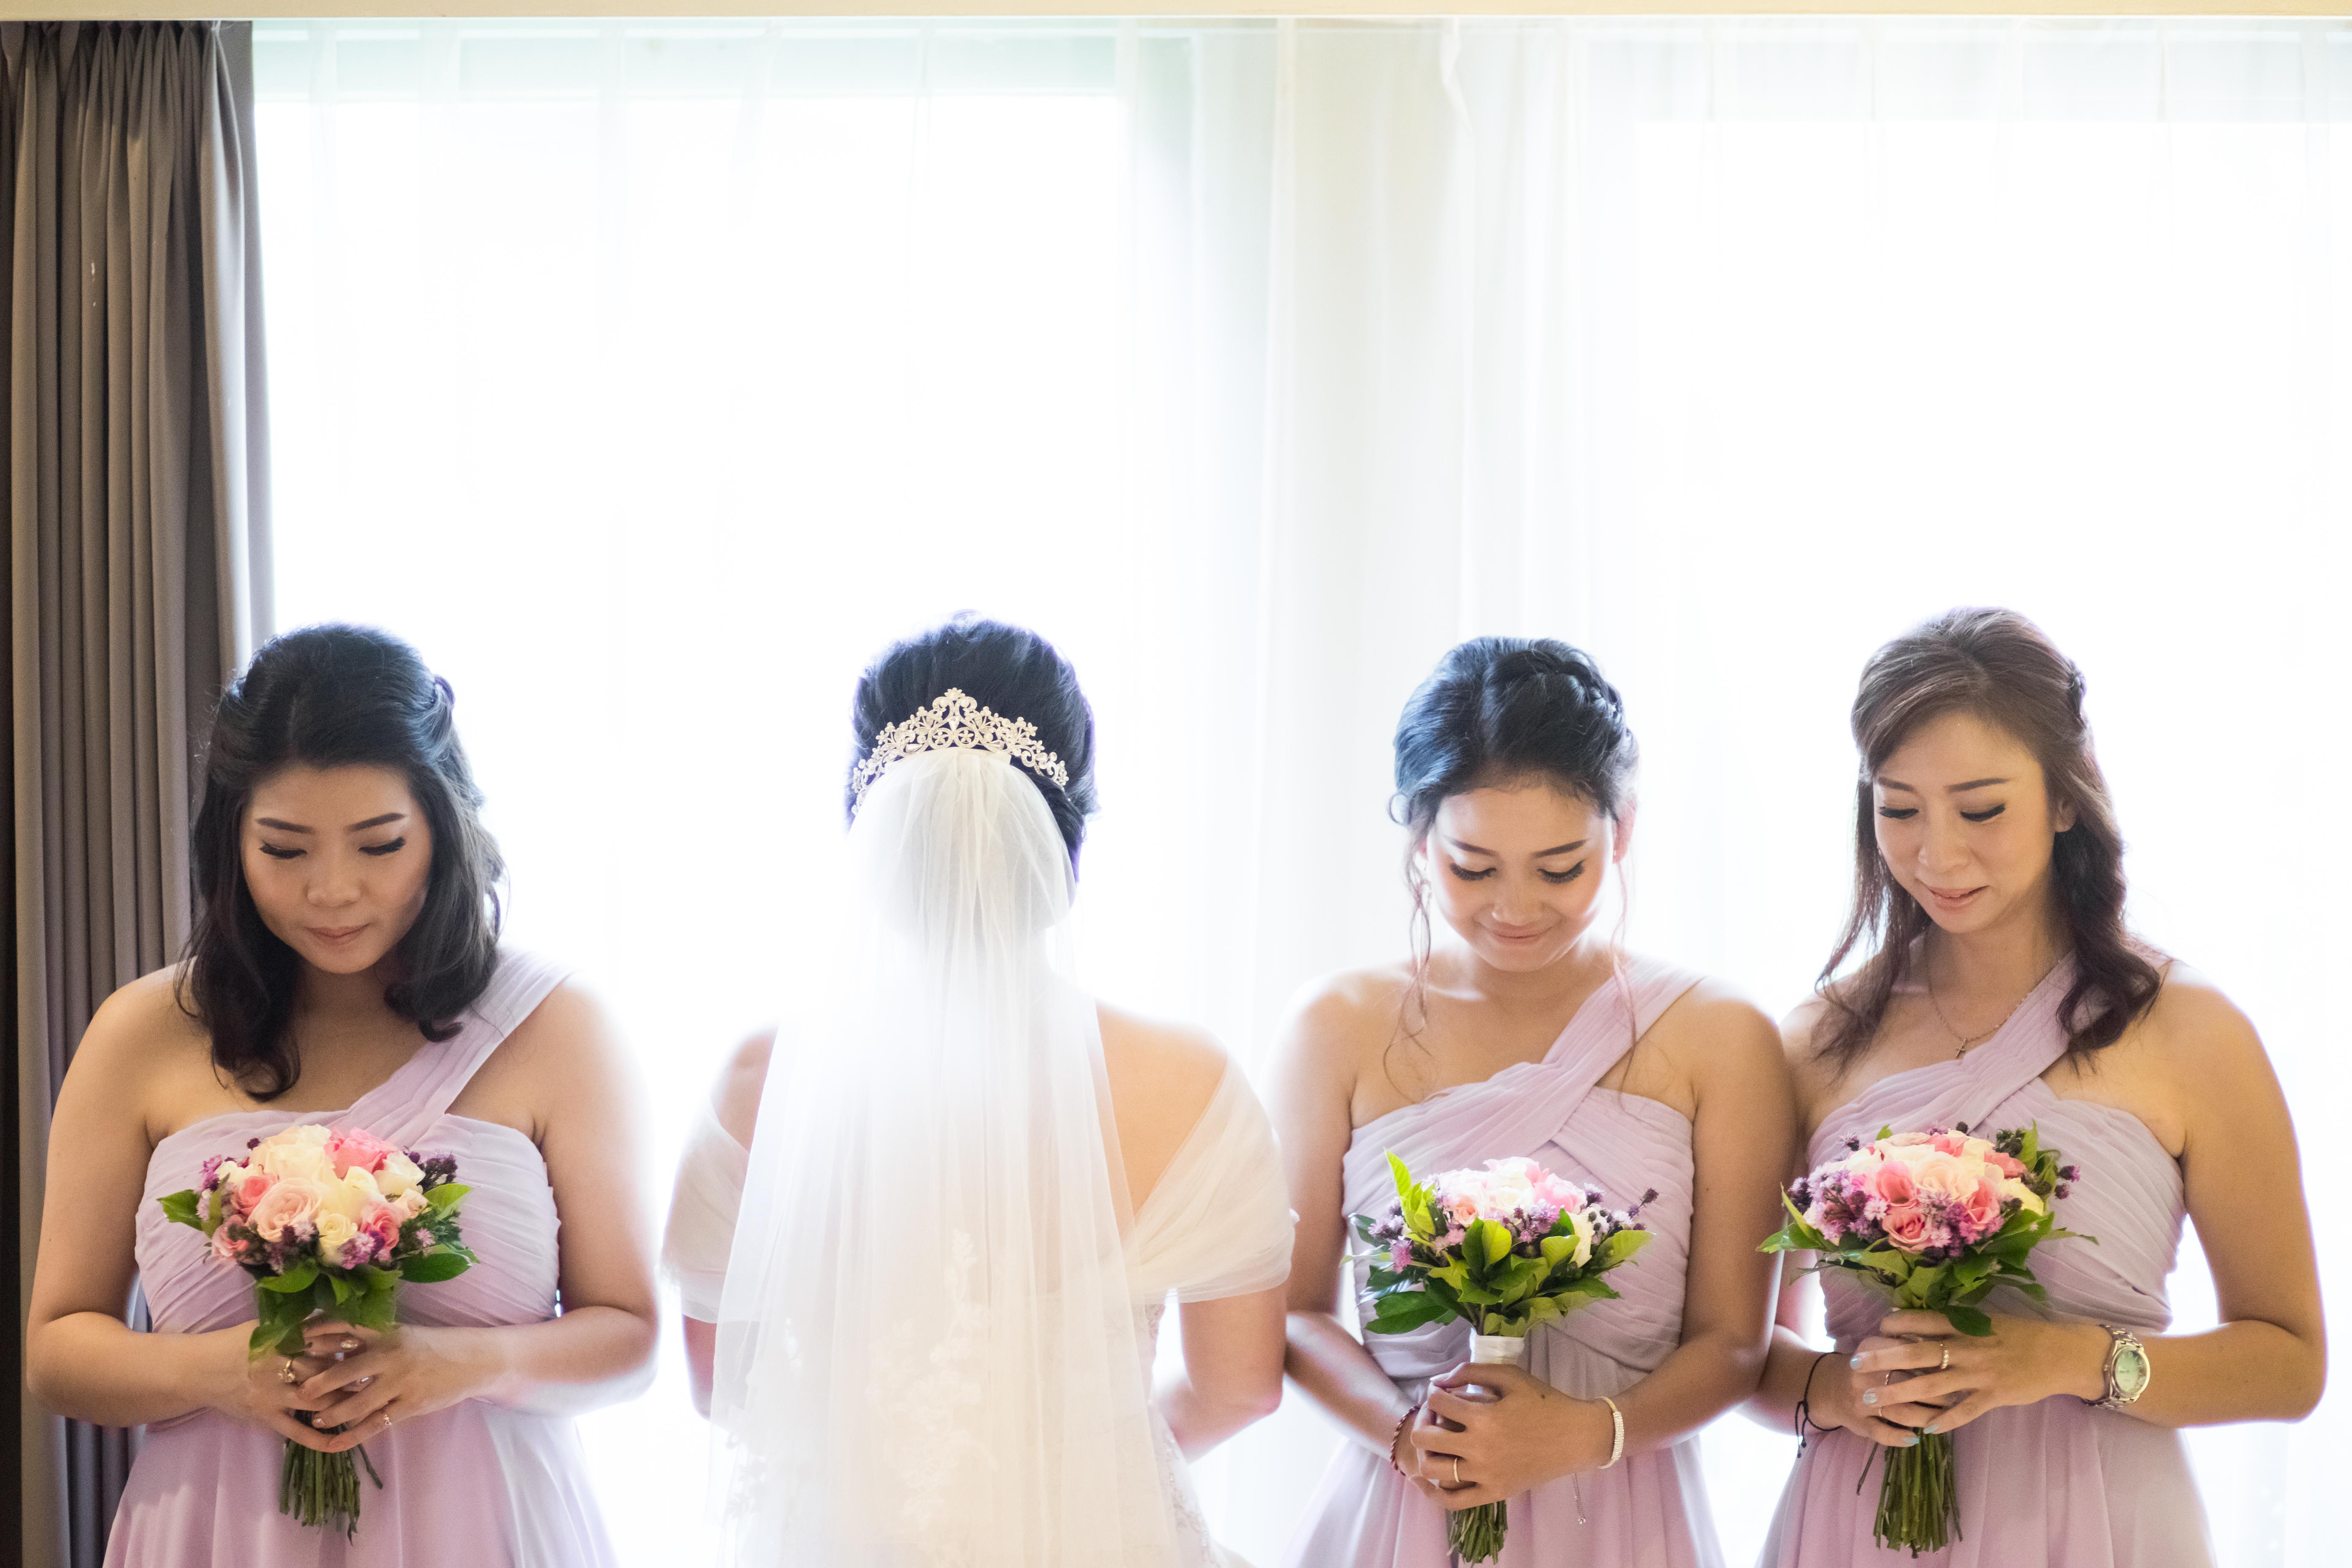 Bridesmaids Bali Weeding Photo